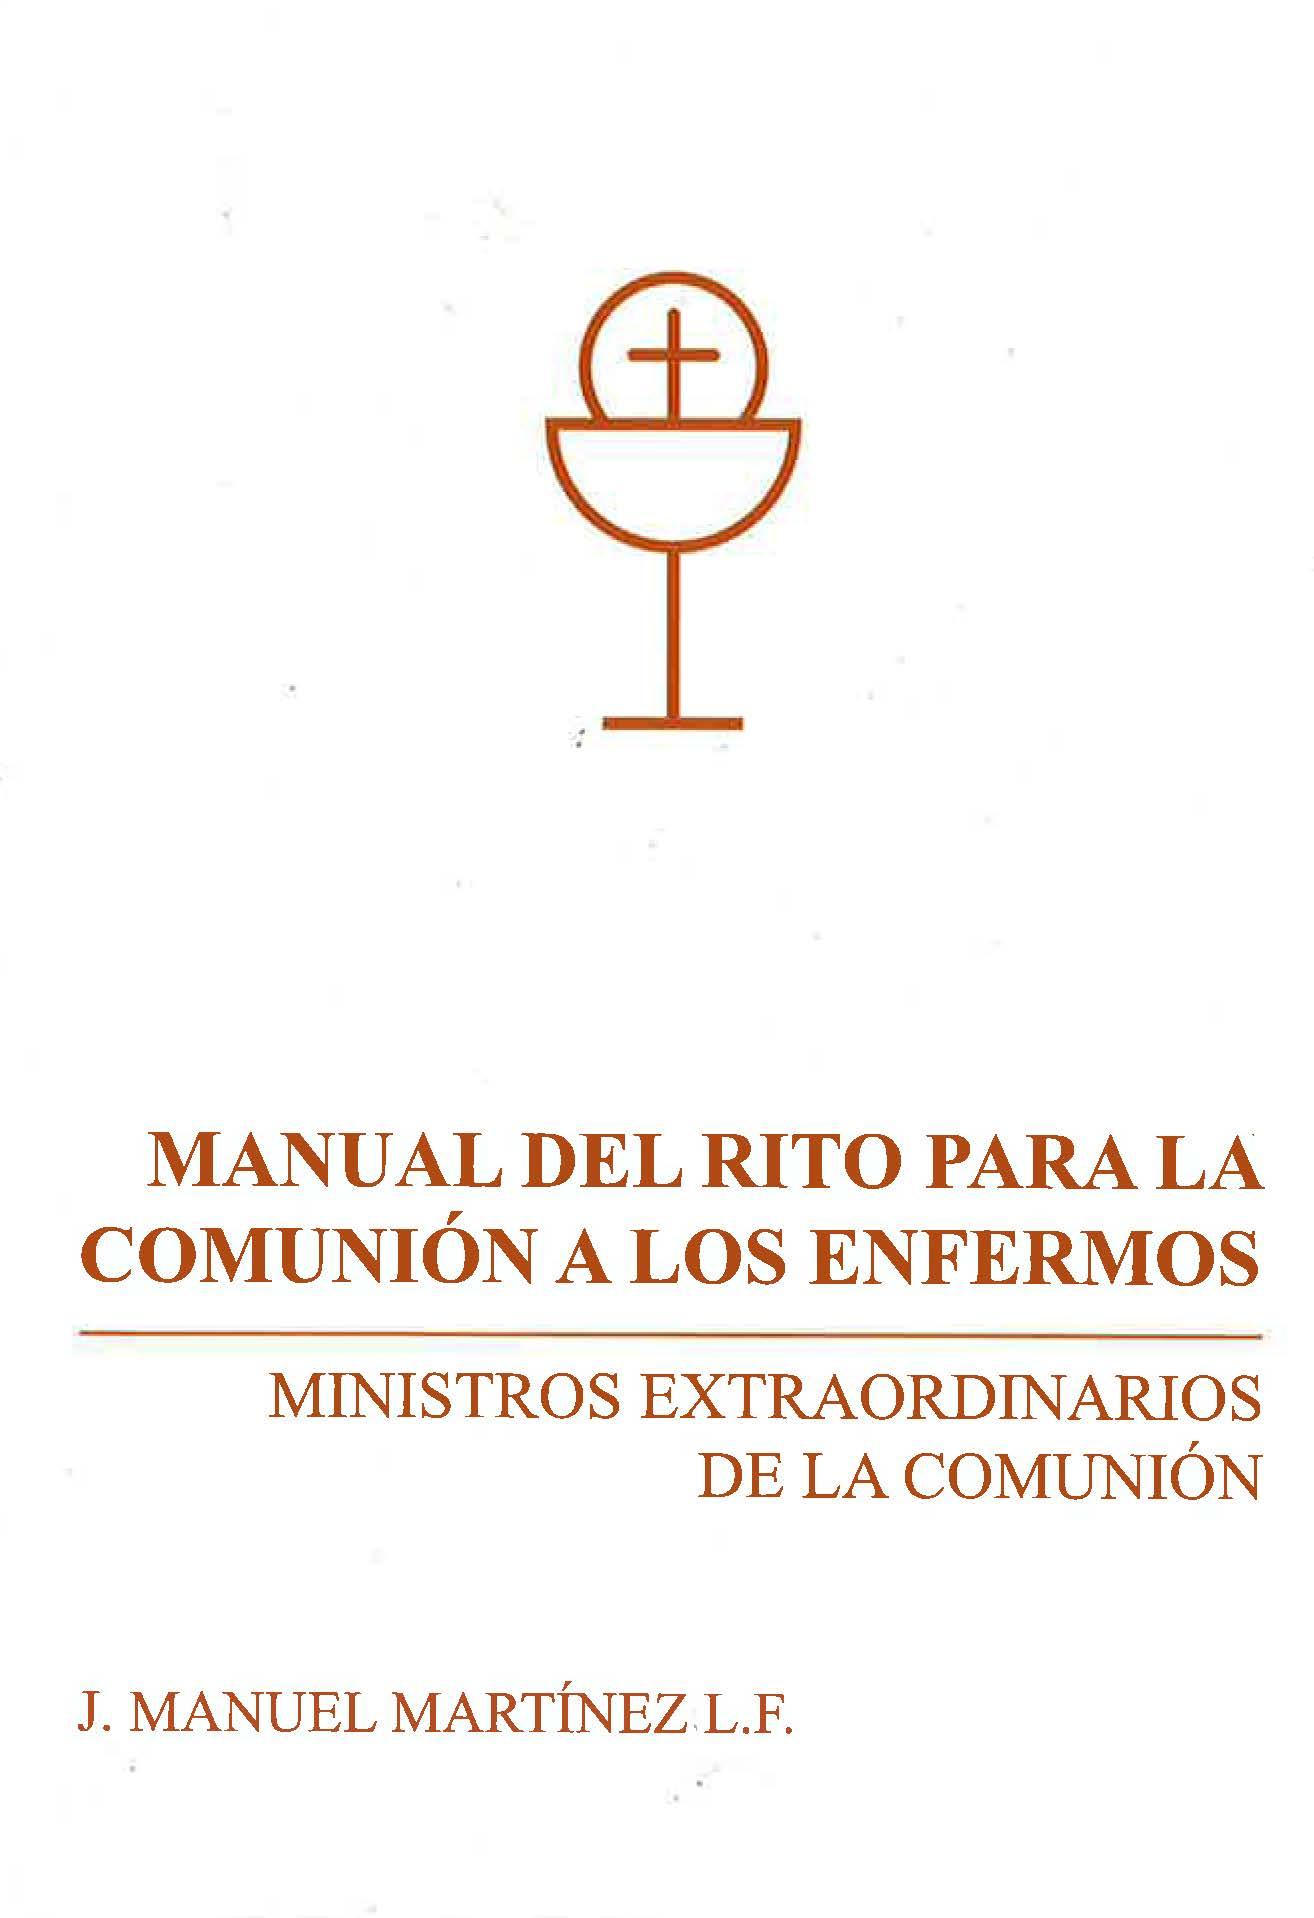 MANUAL DEL RITO PARA LA COMUNIÓN A LOS ENFERMOS